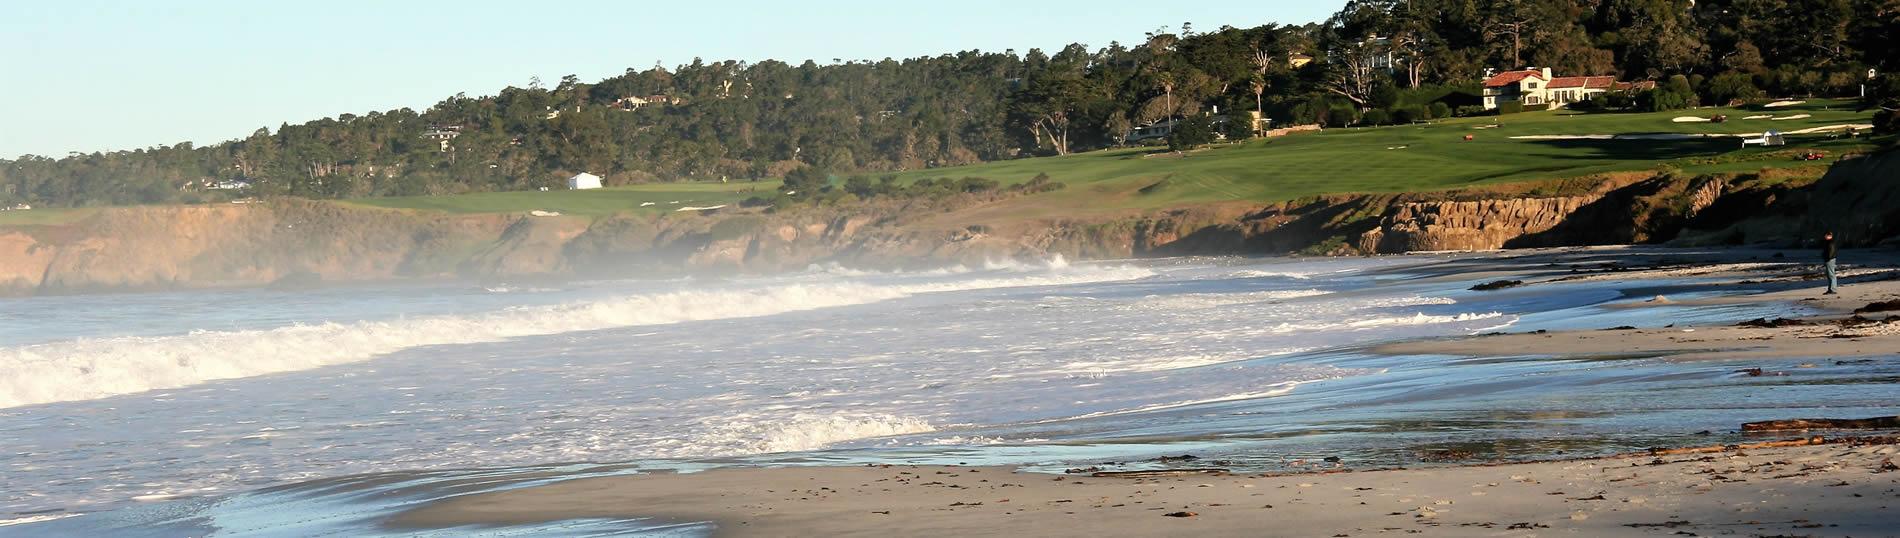 carmel beach and pebble beach golf course